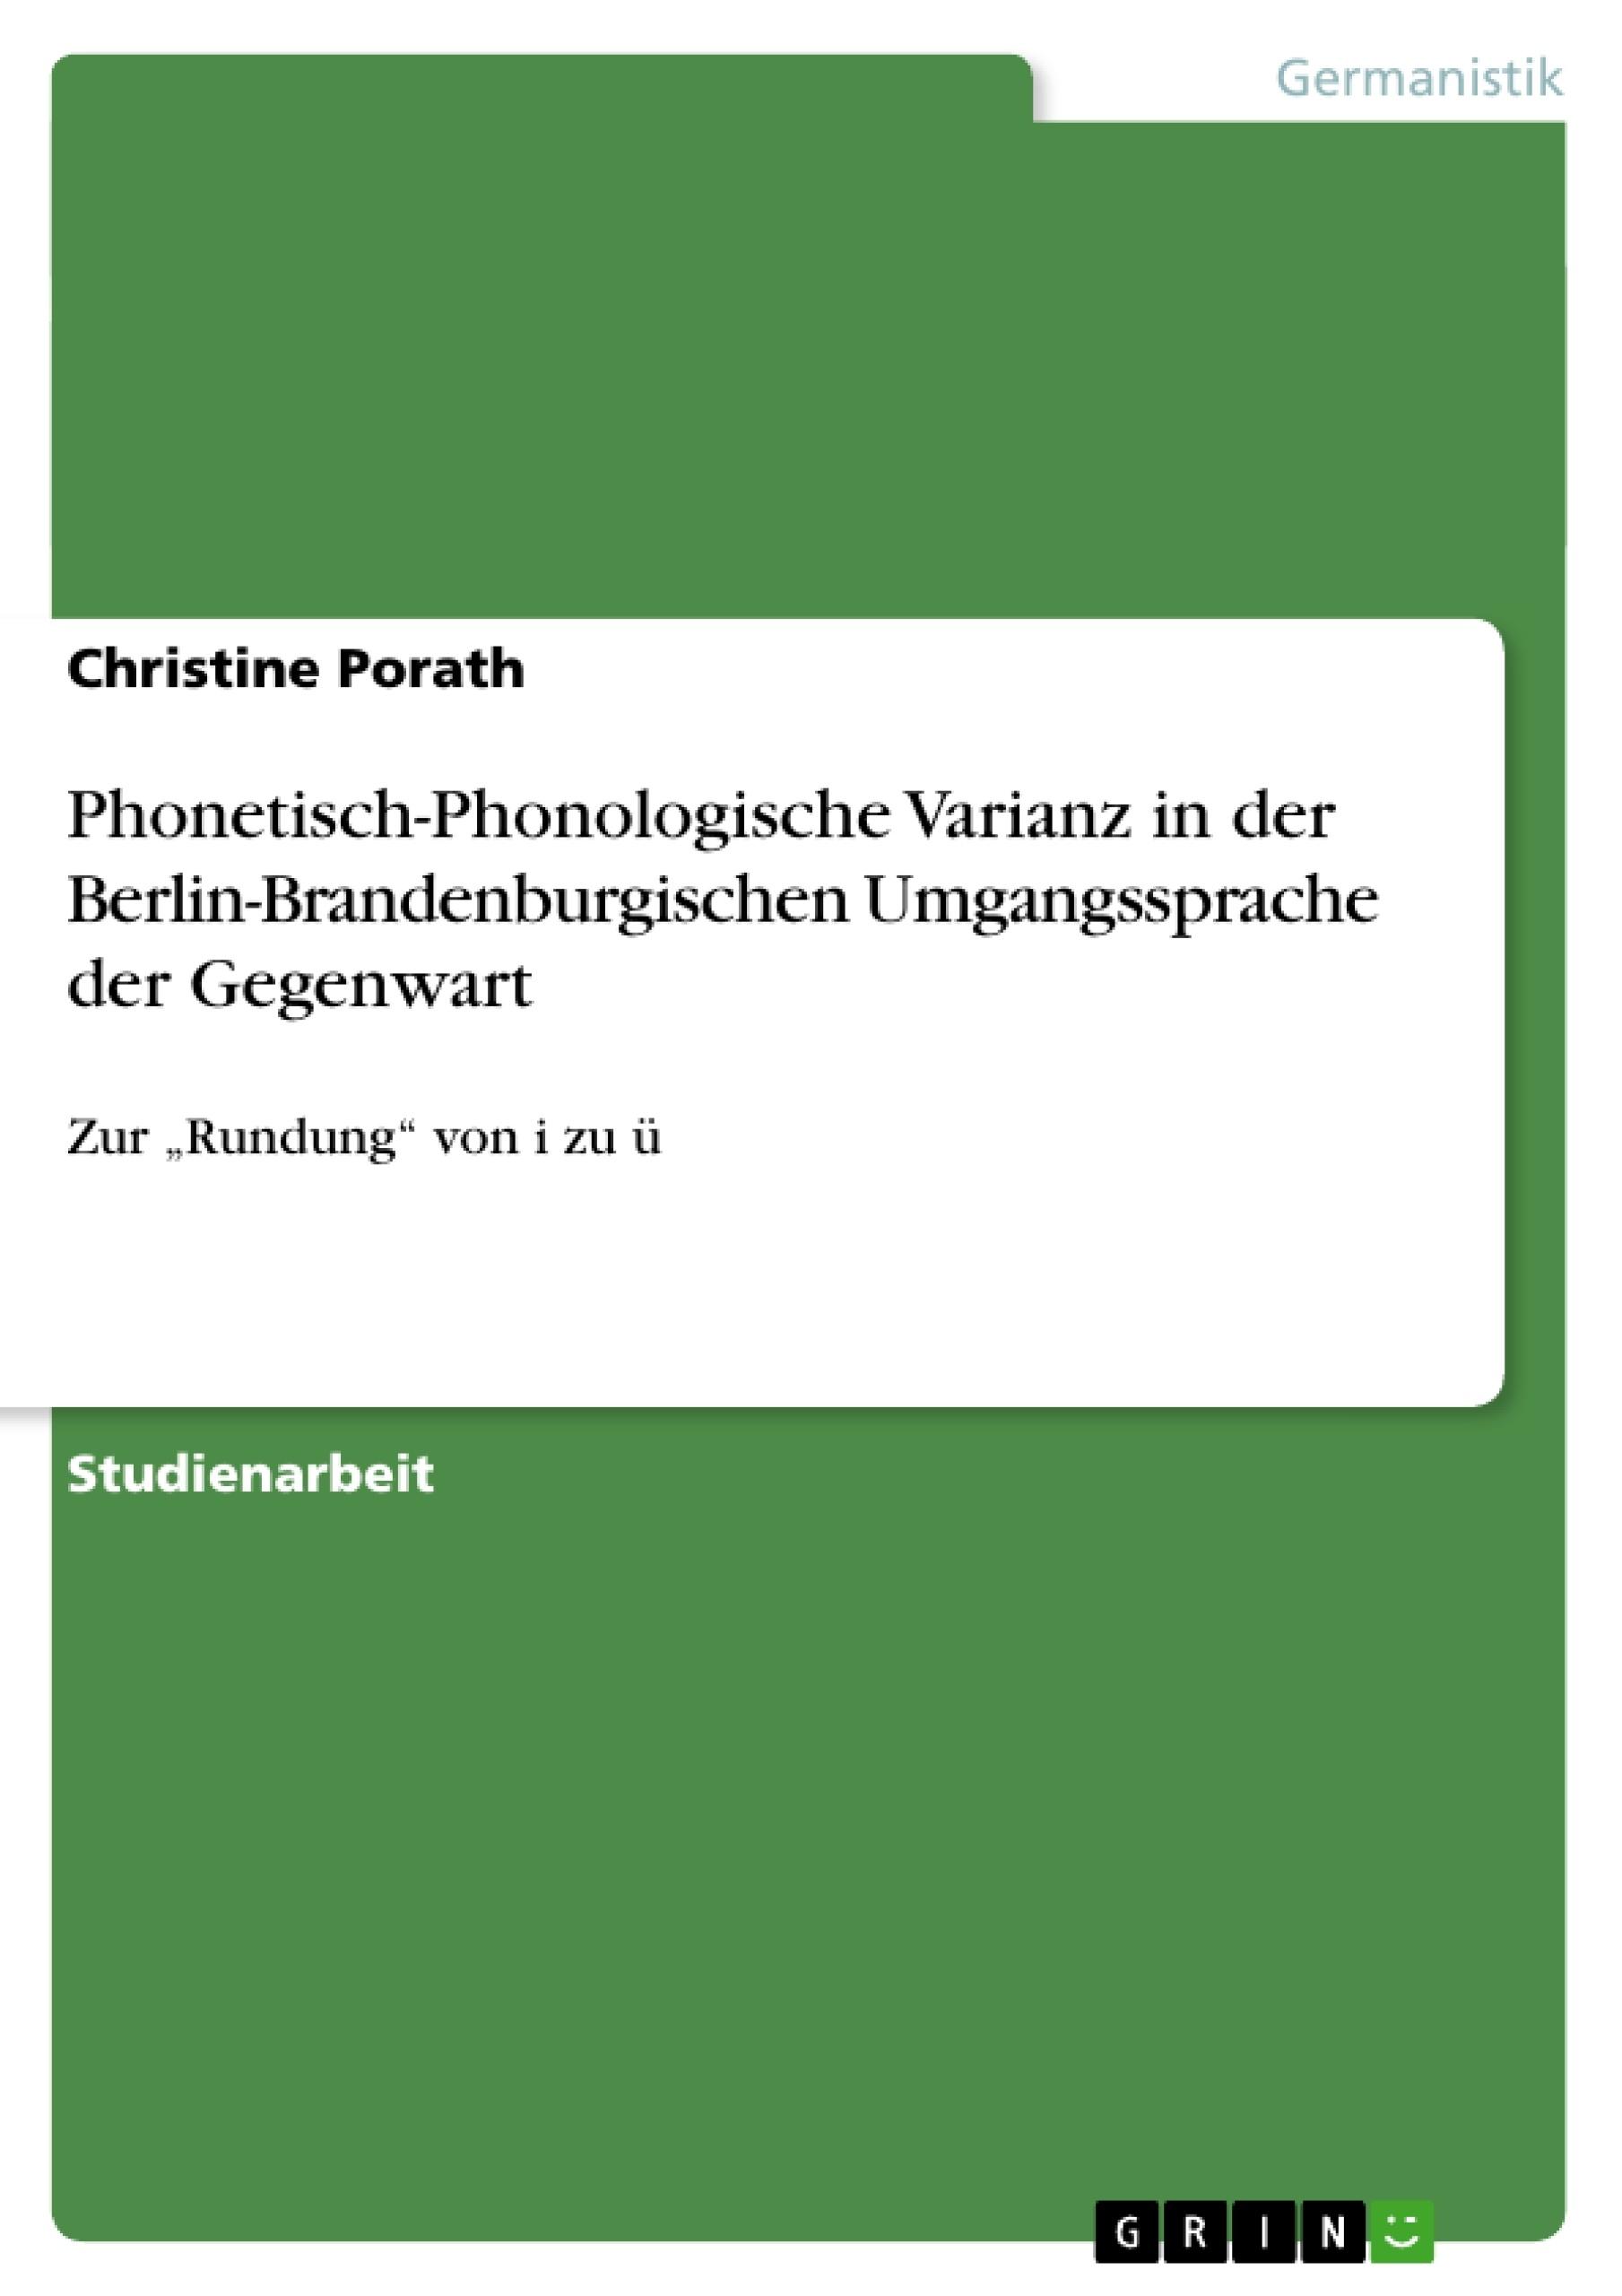 Titel: Phonetisch-Phonologische Varianz in der Berlin-Brandenburgischen Umgangssprache der Gegenwart